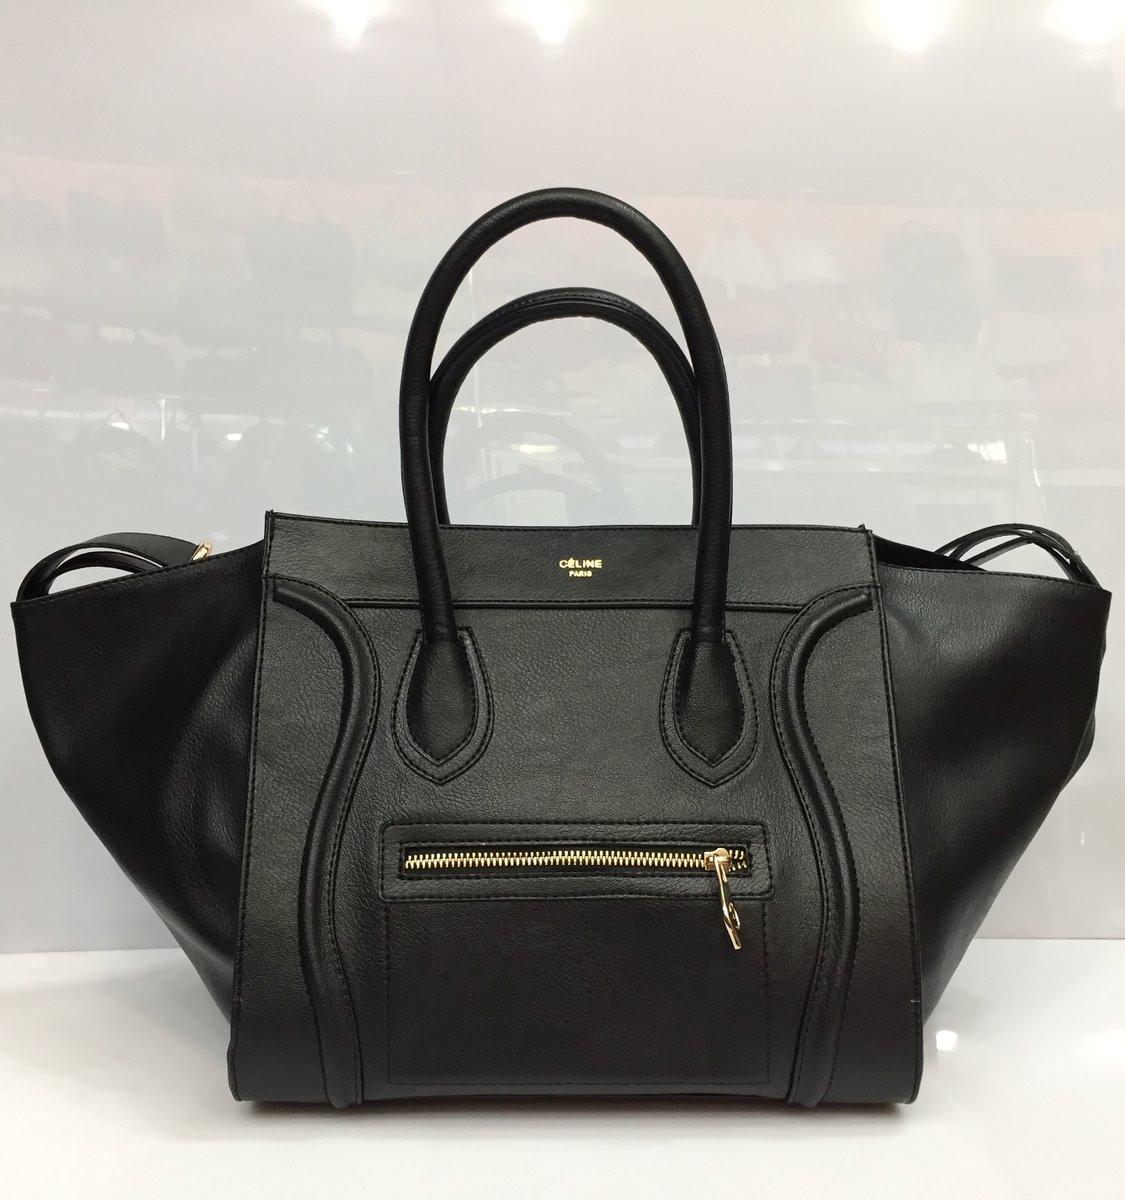 1e2d54f8407f Женская сумка Celine Phantom 2020 черная классическая из искусственной кожи  копия черная